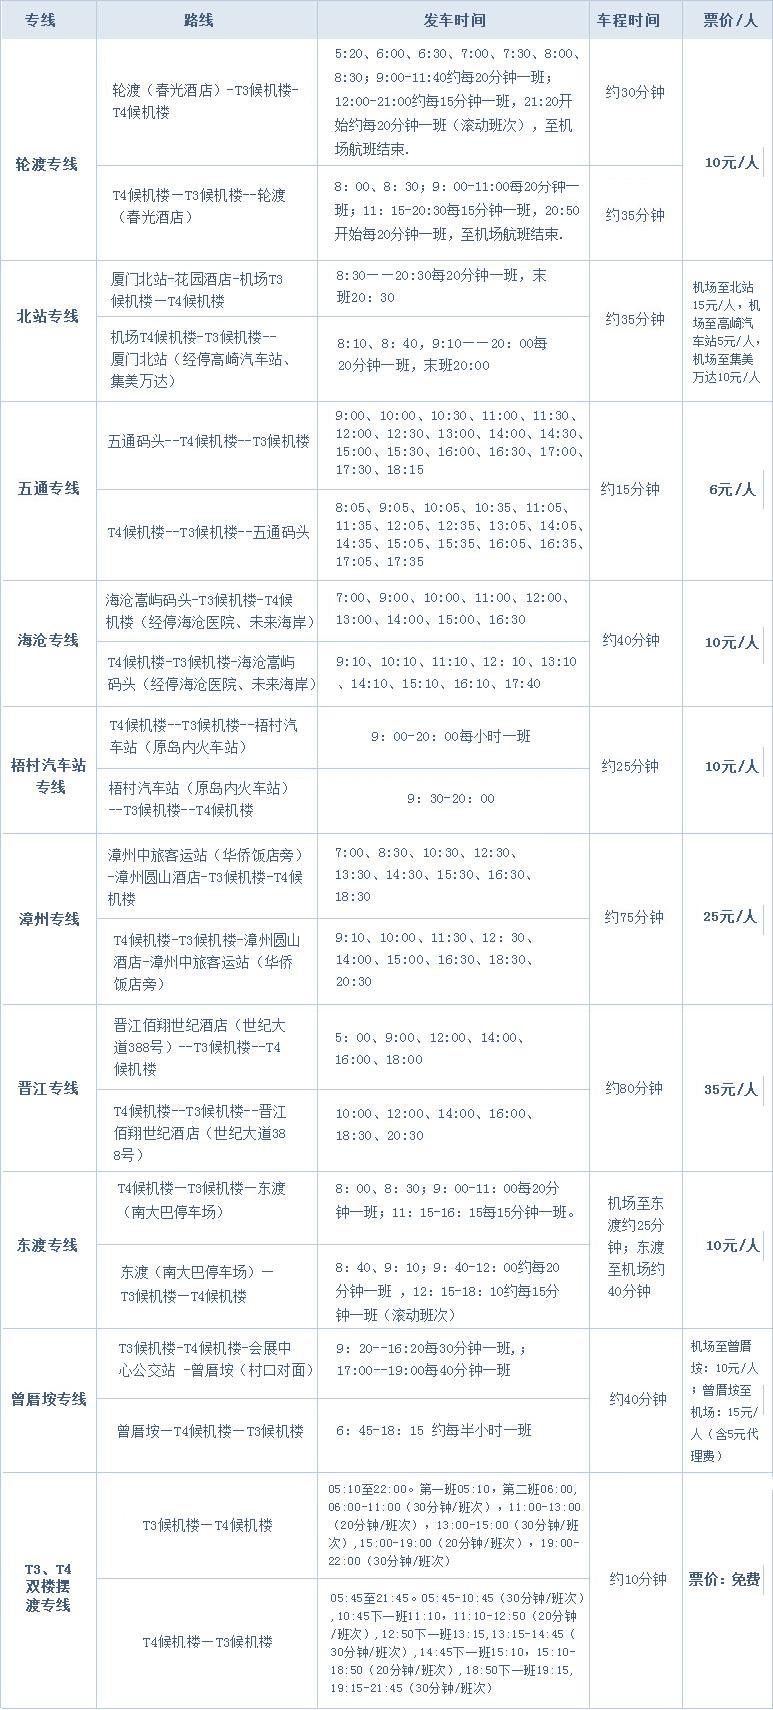 厦门空港快线机场大巴时刻表(2019最新)